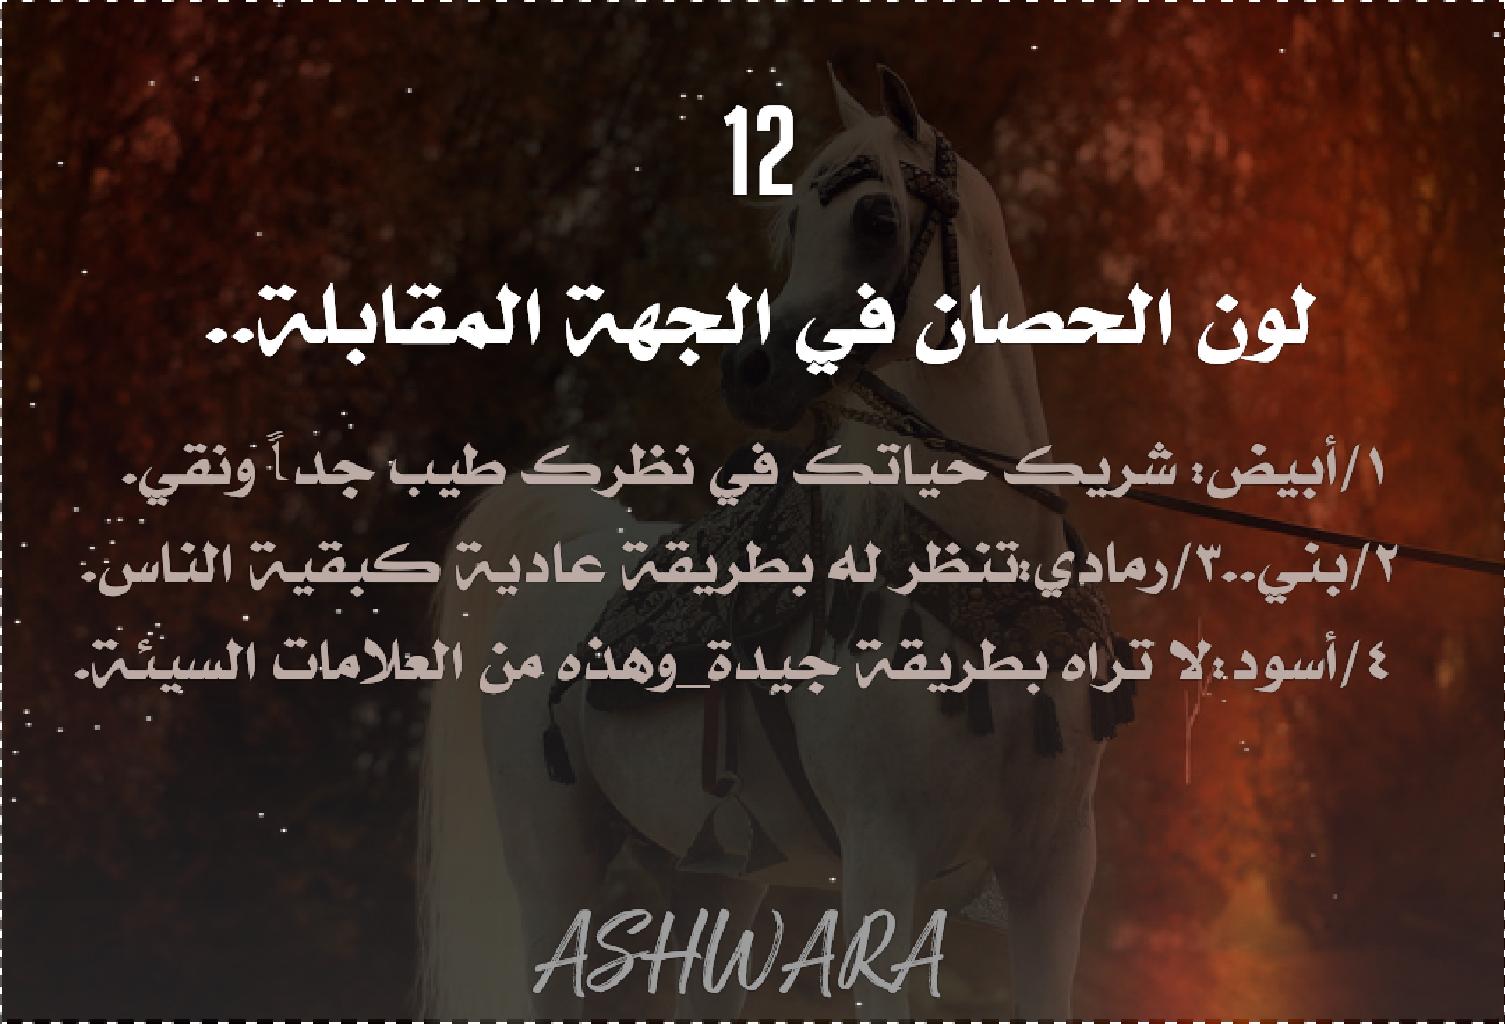 Pin By M Alhejazy On فعاليات حبحب